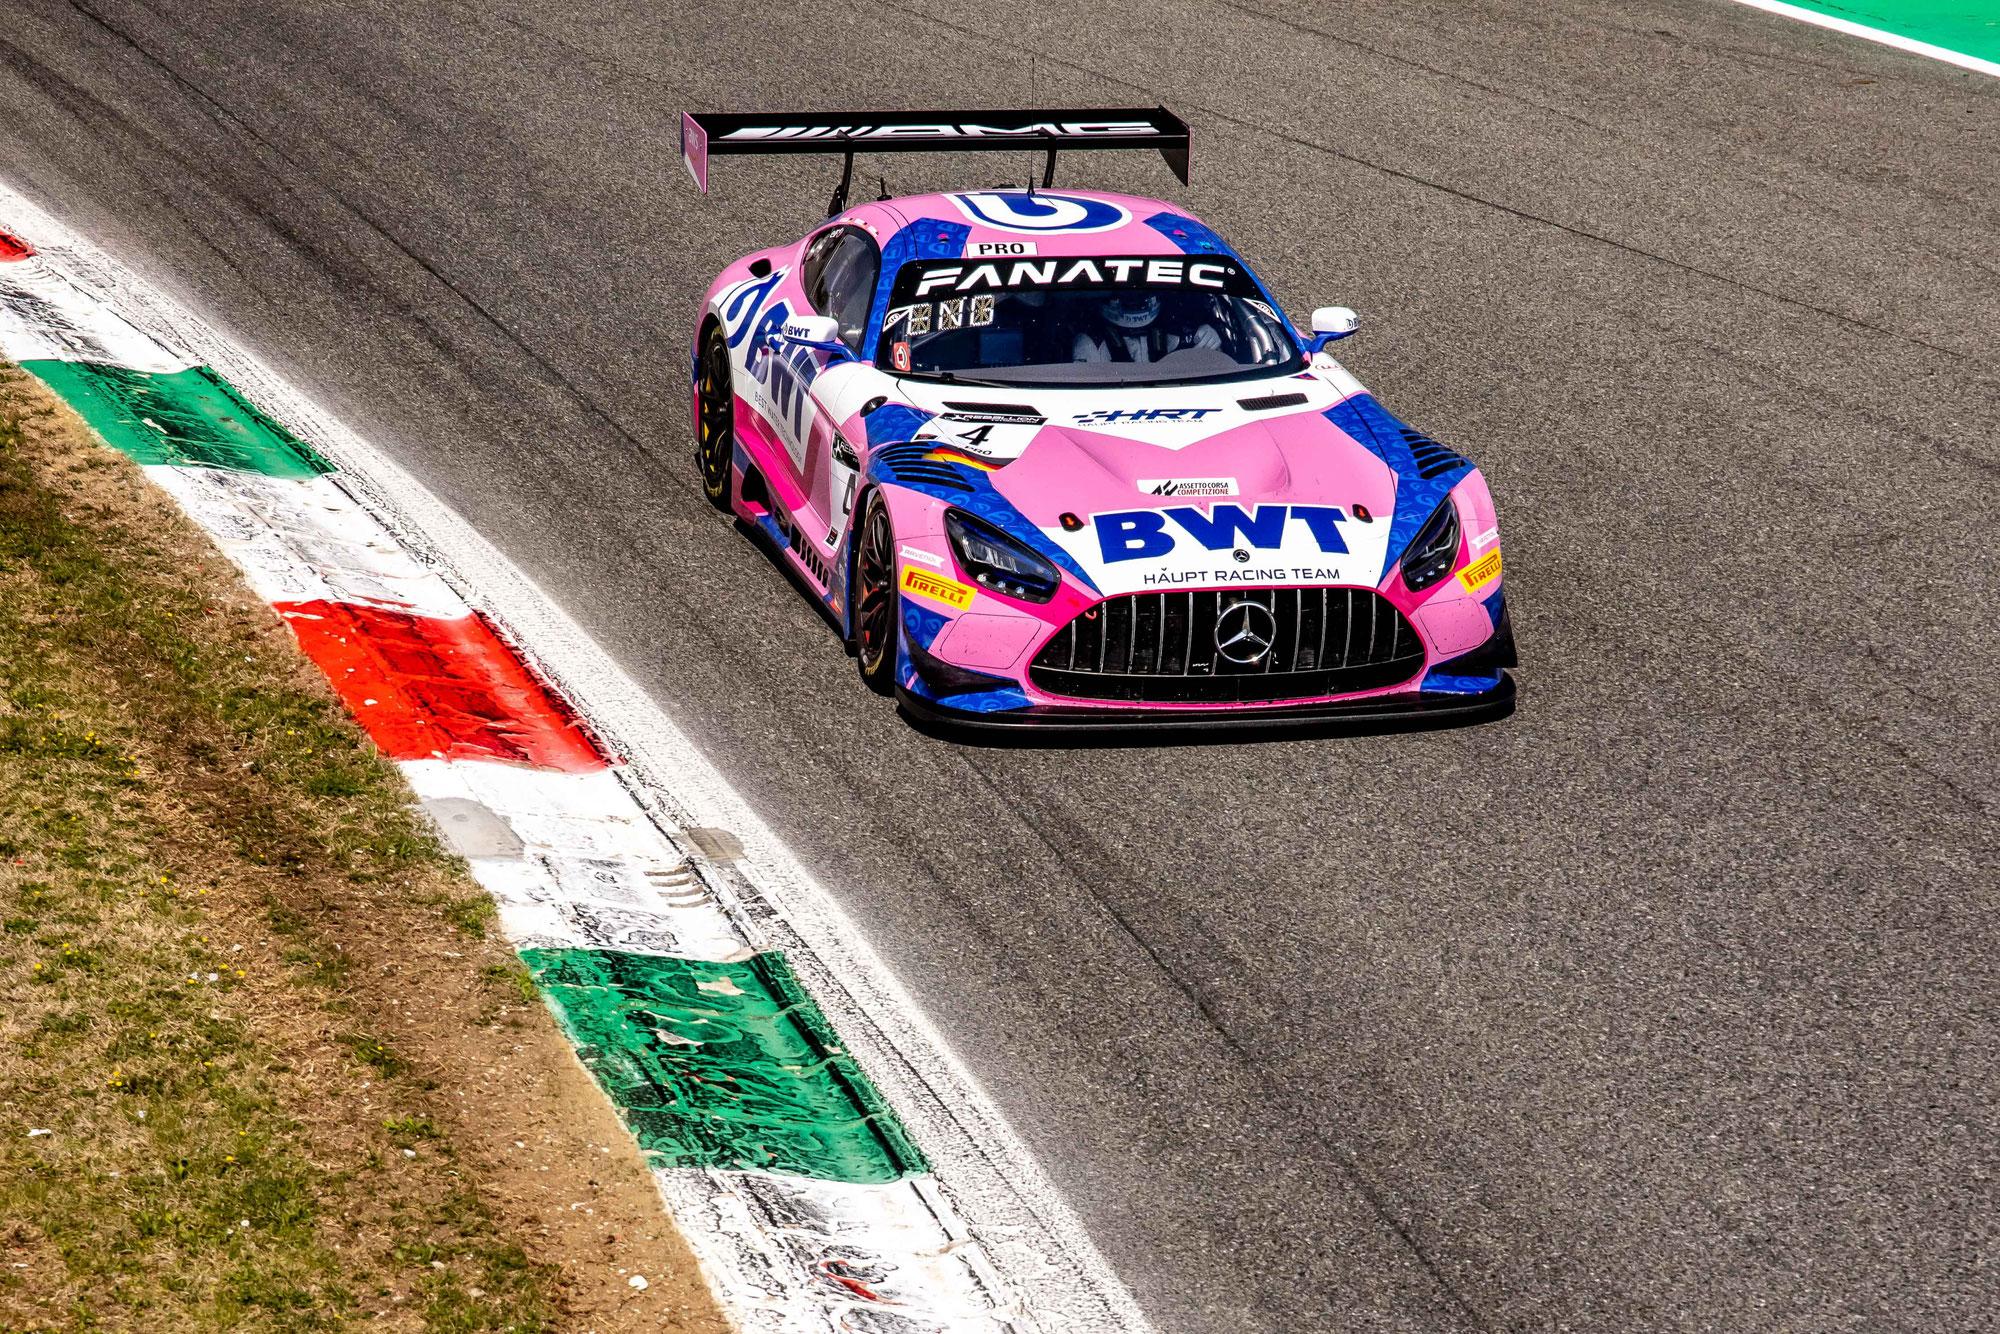 Aufholjagd nicht belohnt: Haupt Racing Team mit viel Pech beim Saisonauftakt in Monza